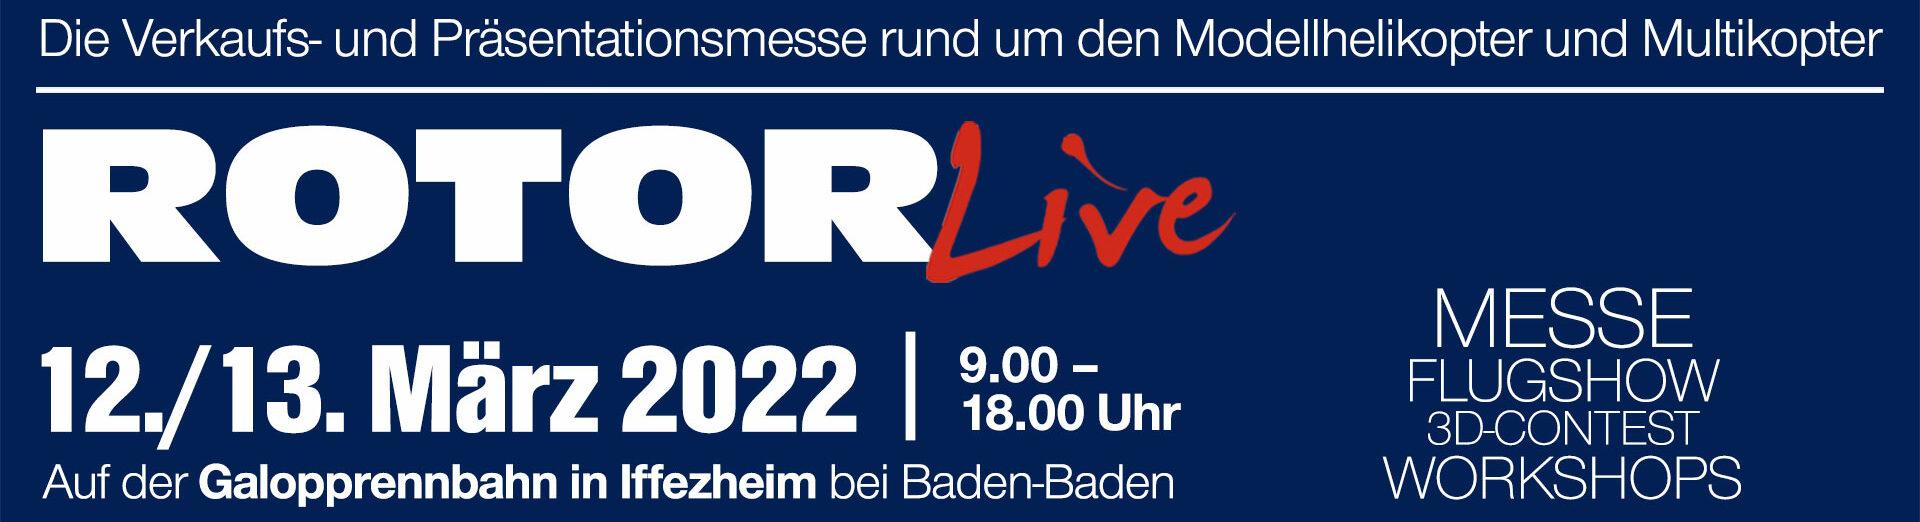 ROTOR live 2022 vom 12. bis 13. März 2022